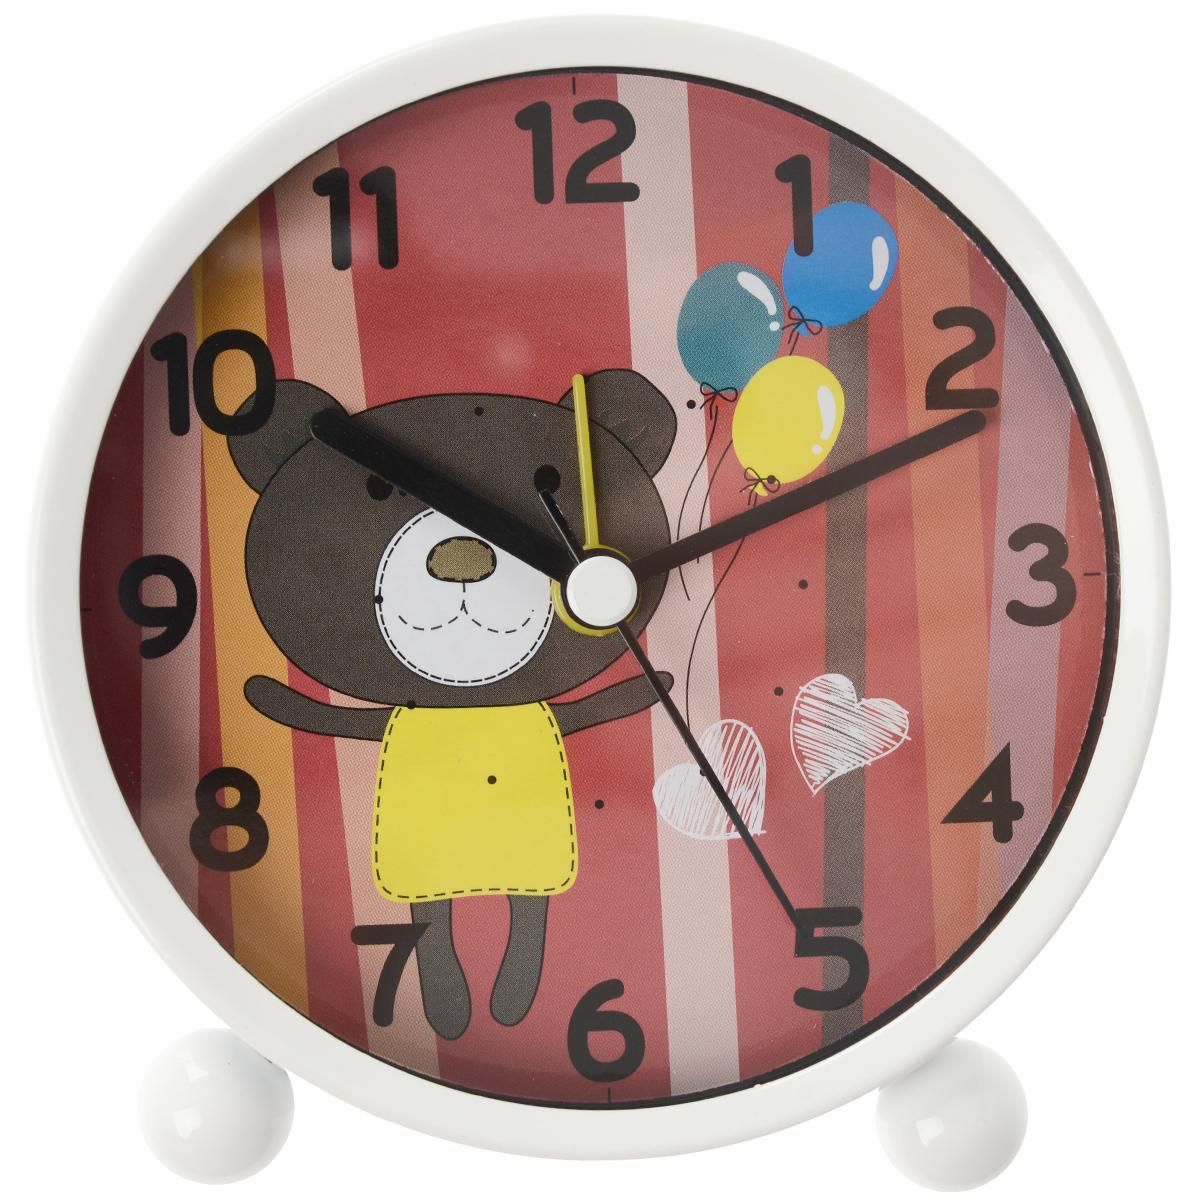 Часы настольные Мишка, цвет: коричневый, красный. N0909C4.RDN0909C4.RDНастольные часы круглой формы, выполненные из пластика и металла, прекрасно украсят интерьер вашего помещения. Циферблат часов имеет четыре стрелки: часовую, минутную, секундную и будильник и оформлен изображением симпатичного мишки с воздушными шариками. Оформите свой дом таким интерьерным аксессуаром или преподнесите его в качестве презента друзьям, и они оценят ваш оригинальный вкус и неординарность подарка. Характеристики: Материал: пластик, металл. Общий размер часов: 11 см х 5 см х 10 см. Диаметр циферблата: 9 см. Часы работают от 1 батарейки AA (не входит в комплект).